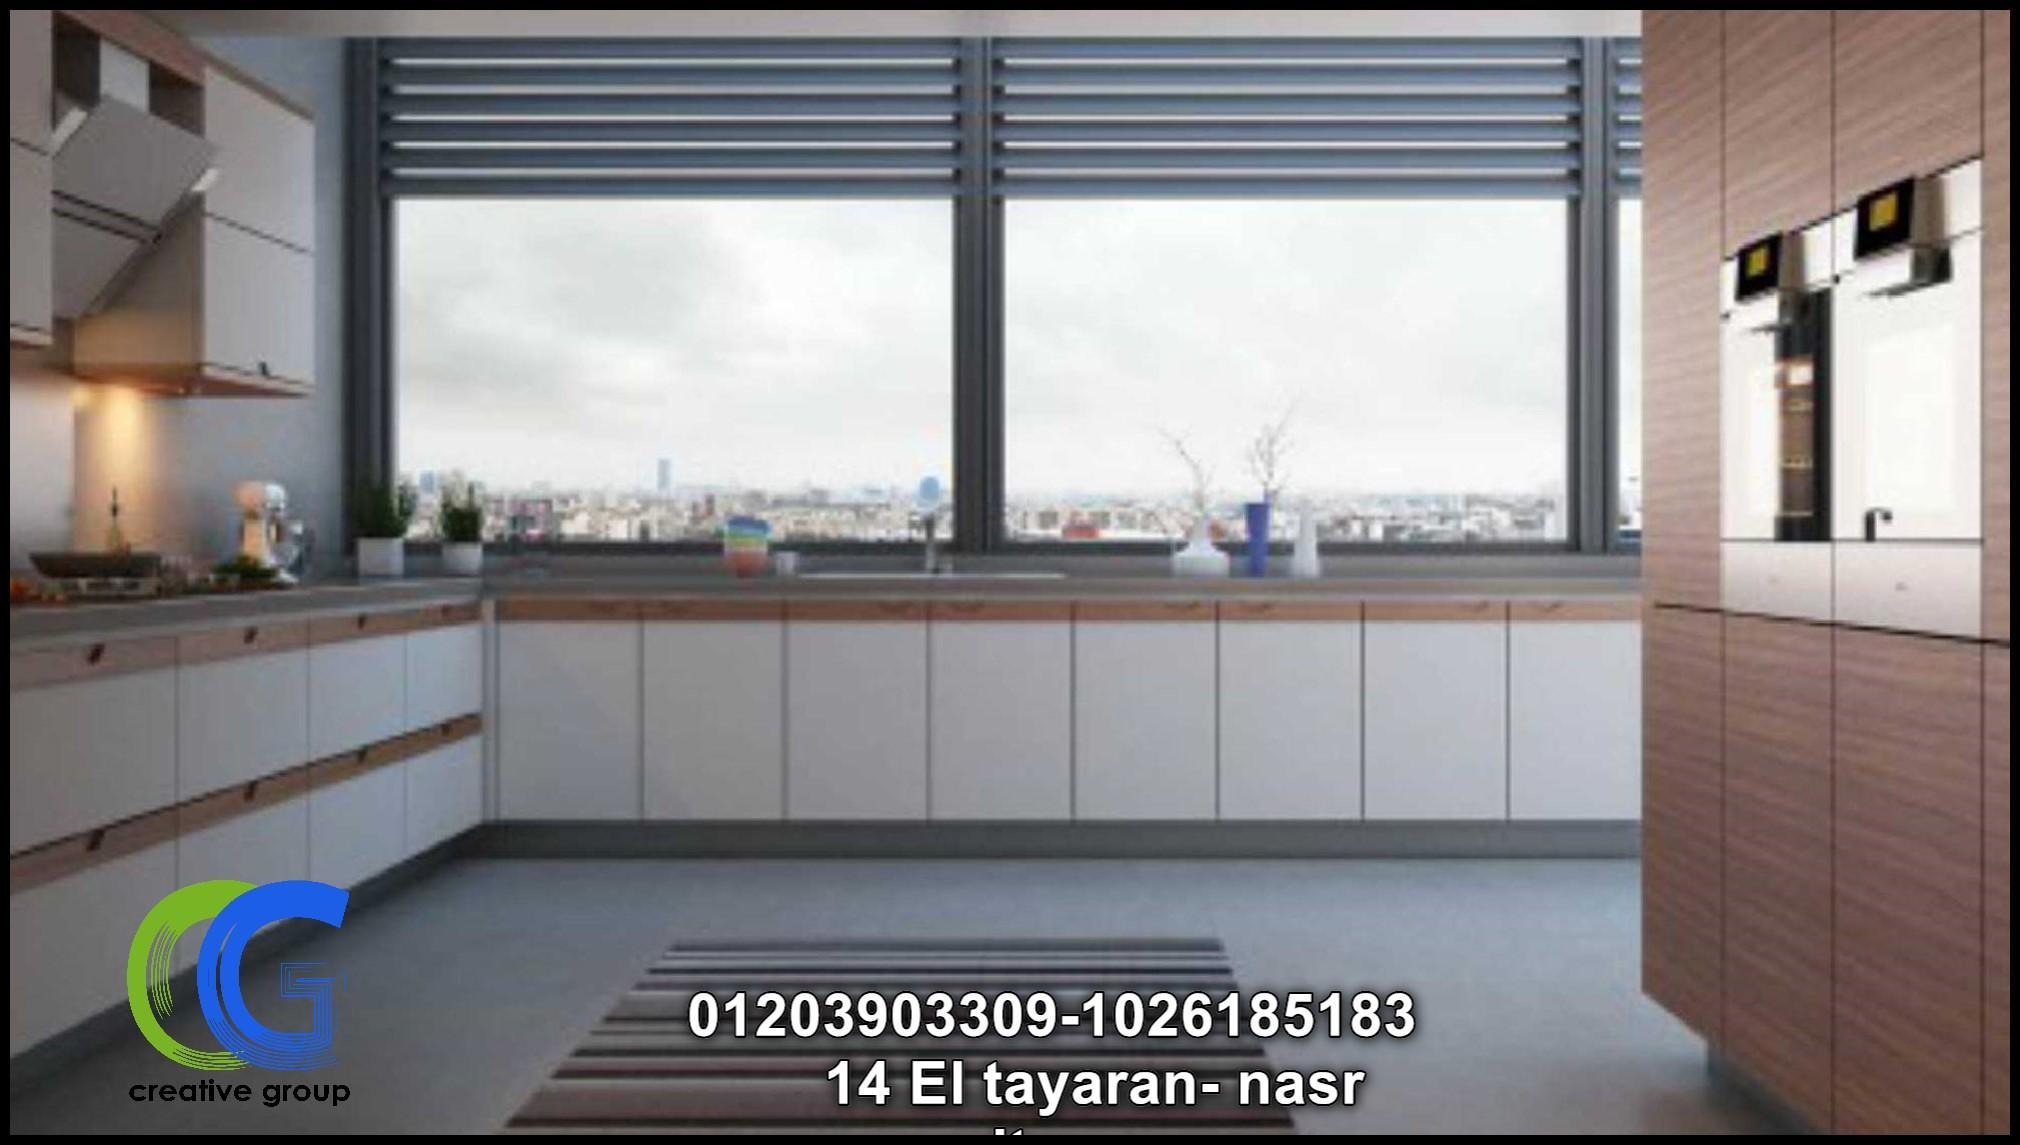 مطابخ قشرة خشب – كرياتف جروب للمطابخ للاتصال 01203903309 875295438